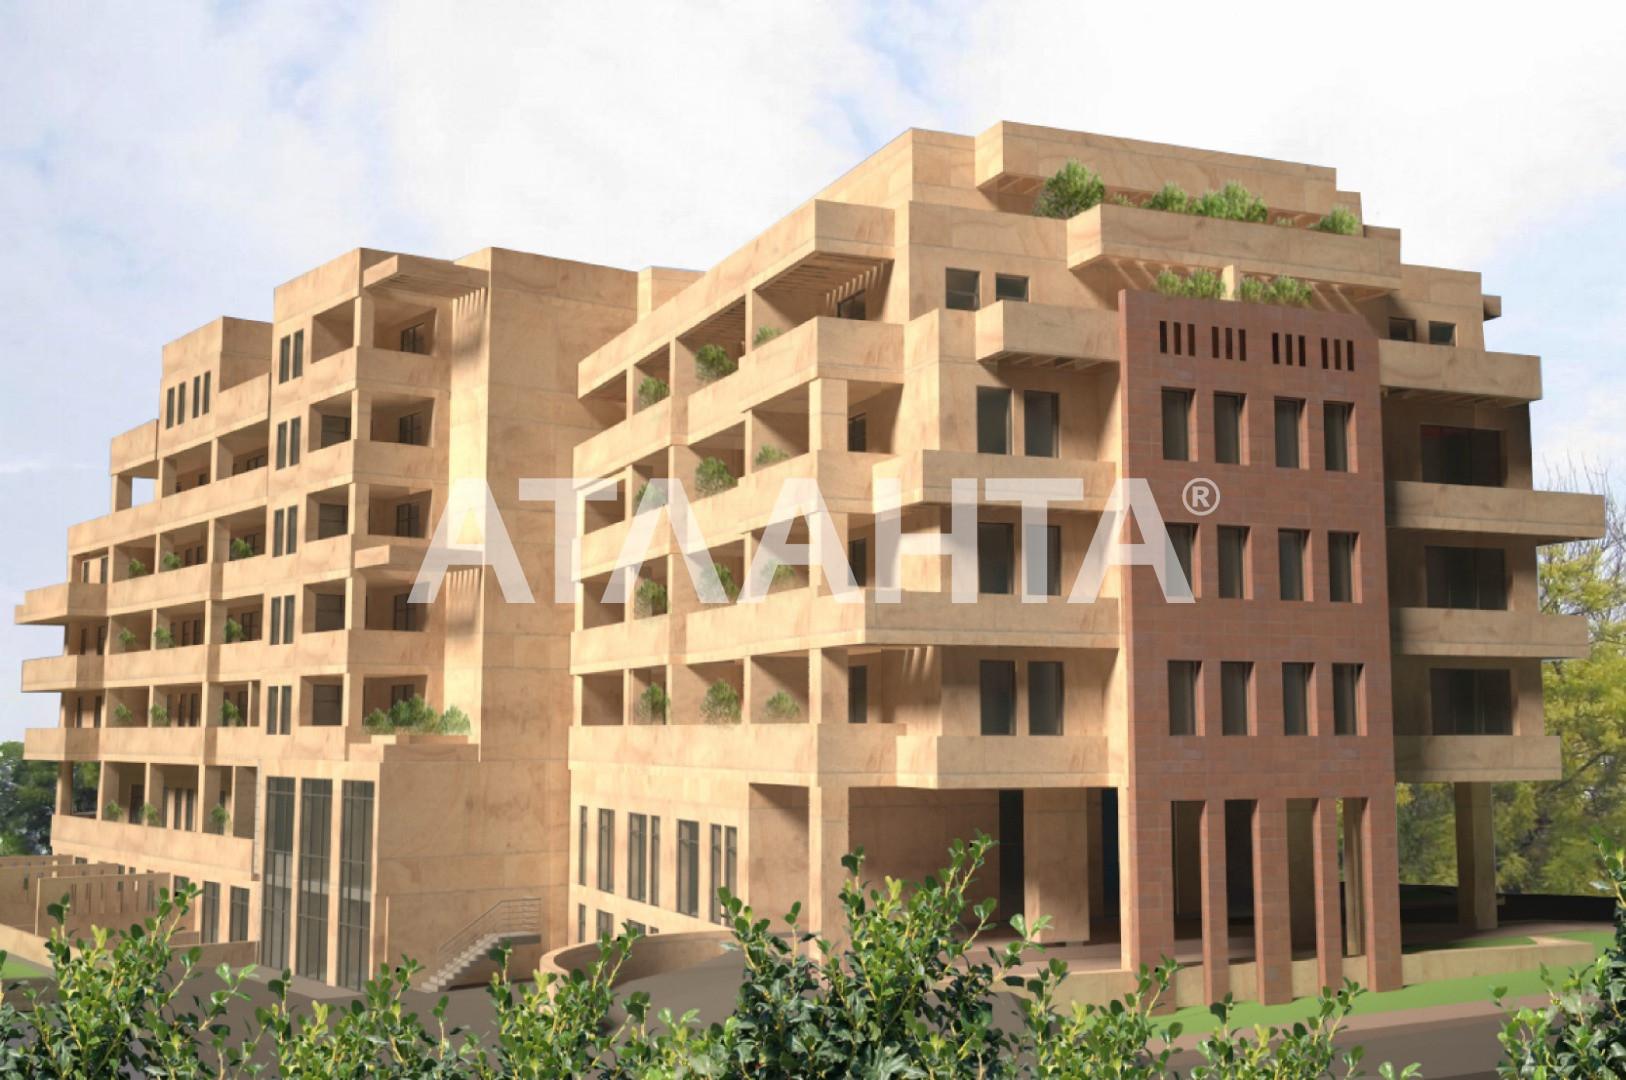 Продается 2-комнатная Квартира на ул. Каманина — 148 490 у.е. (фото №2)